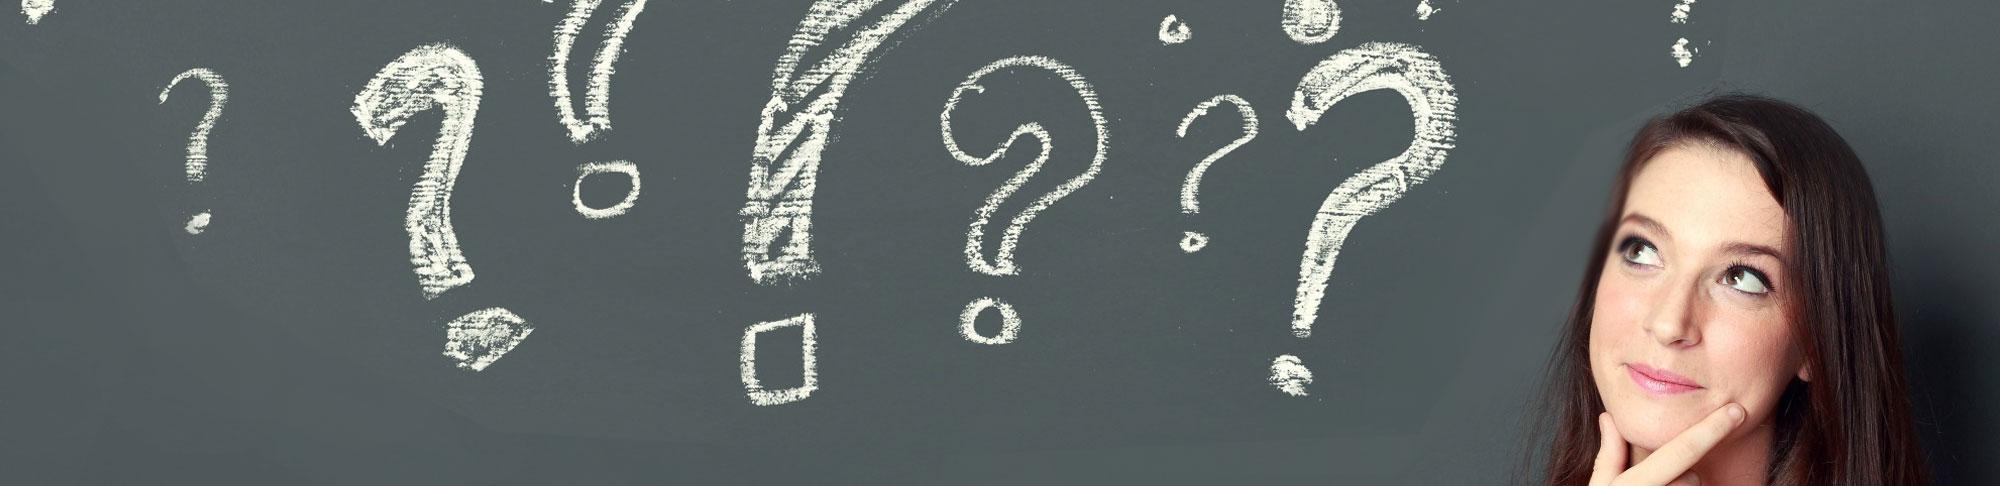 Letselschade hoeveel krijg ik? | LetselPro